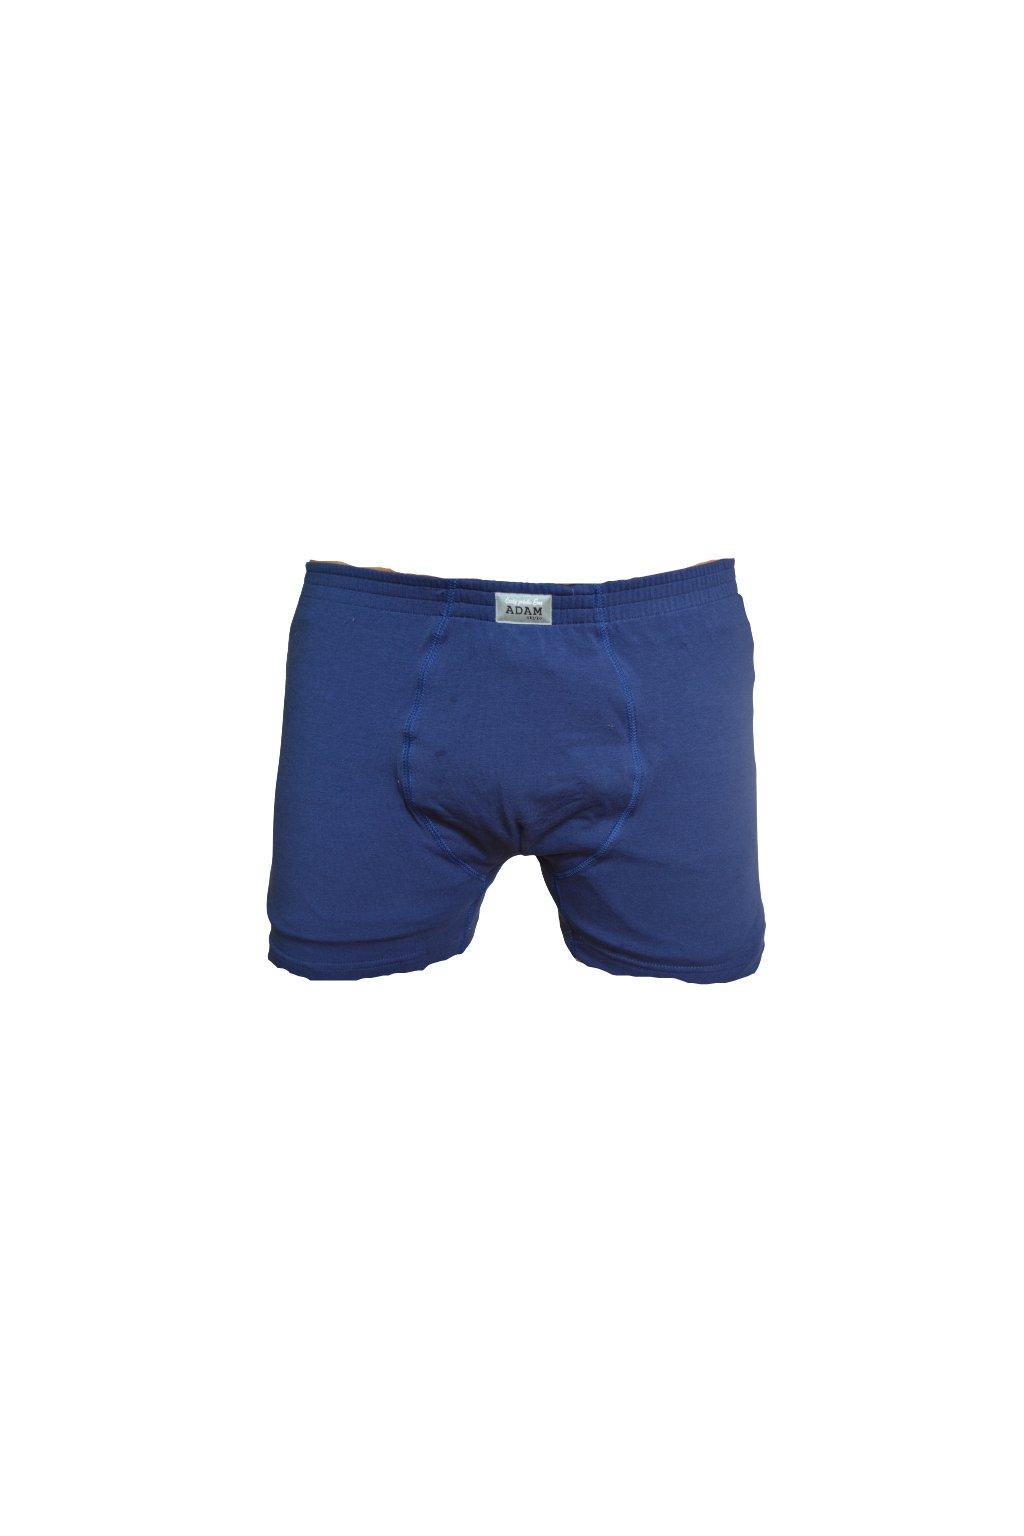 Boxerky Max - tmavě modrá